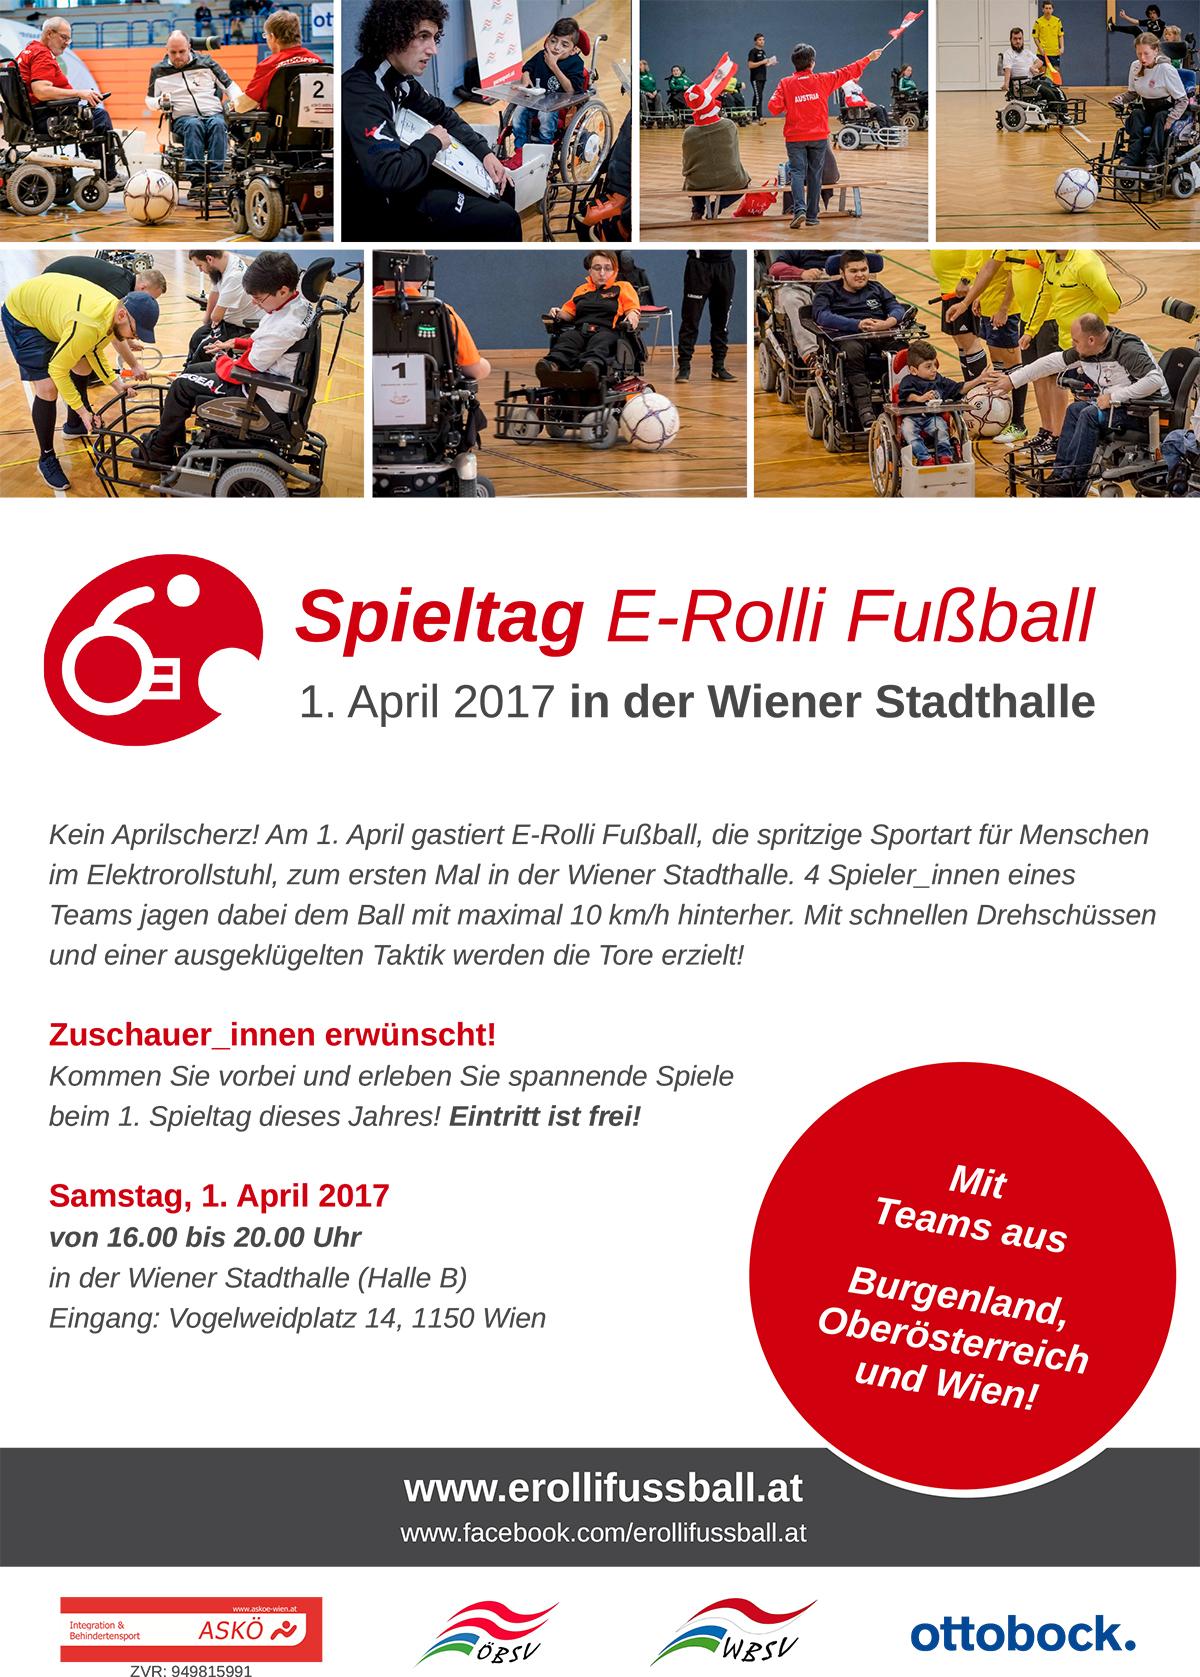 Spieltag E-Rolli Fußball am 1. April in der Wiener Stadthalle